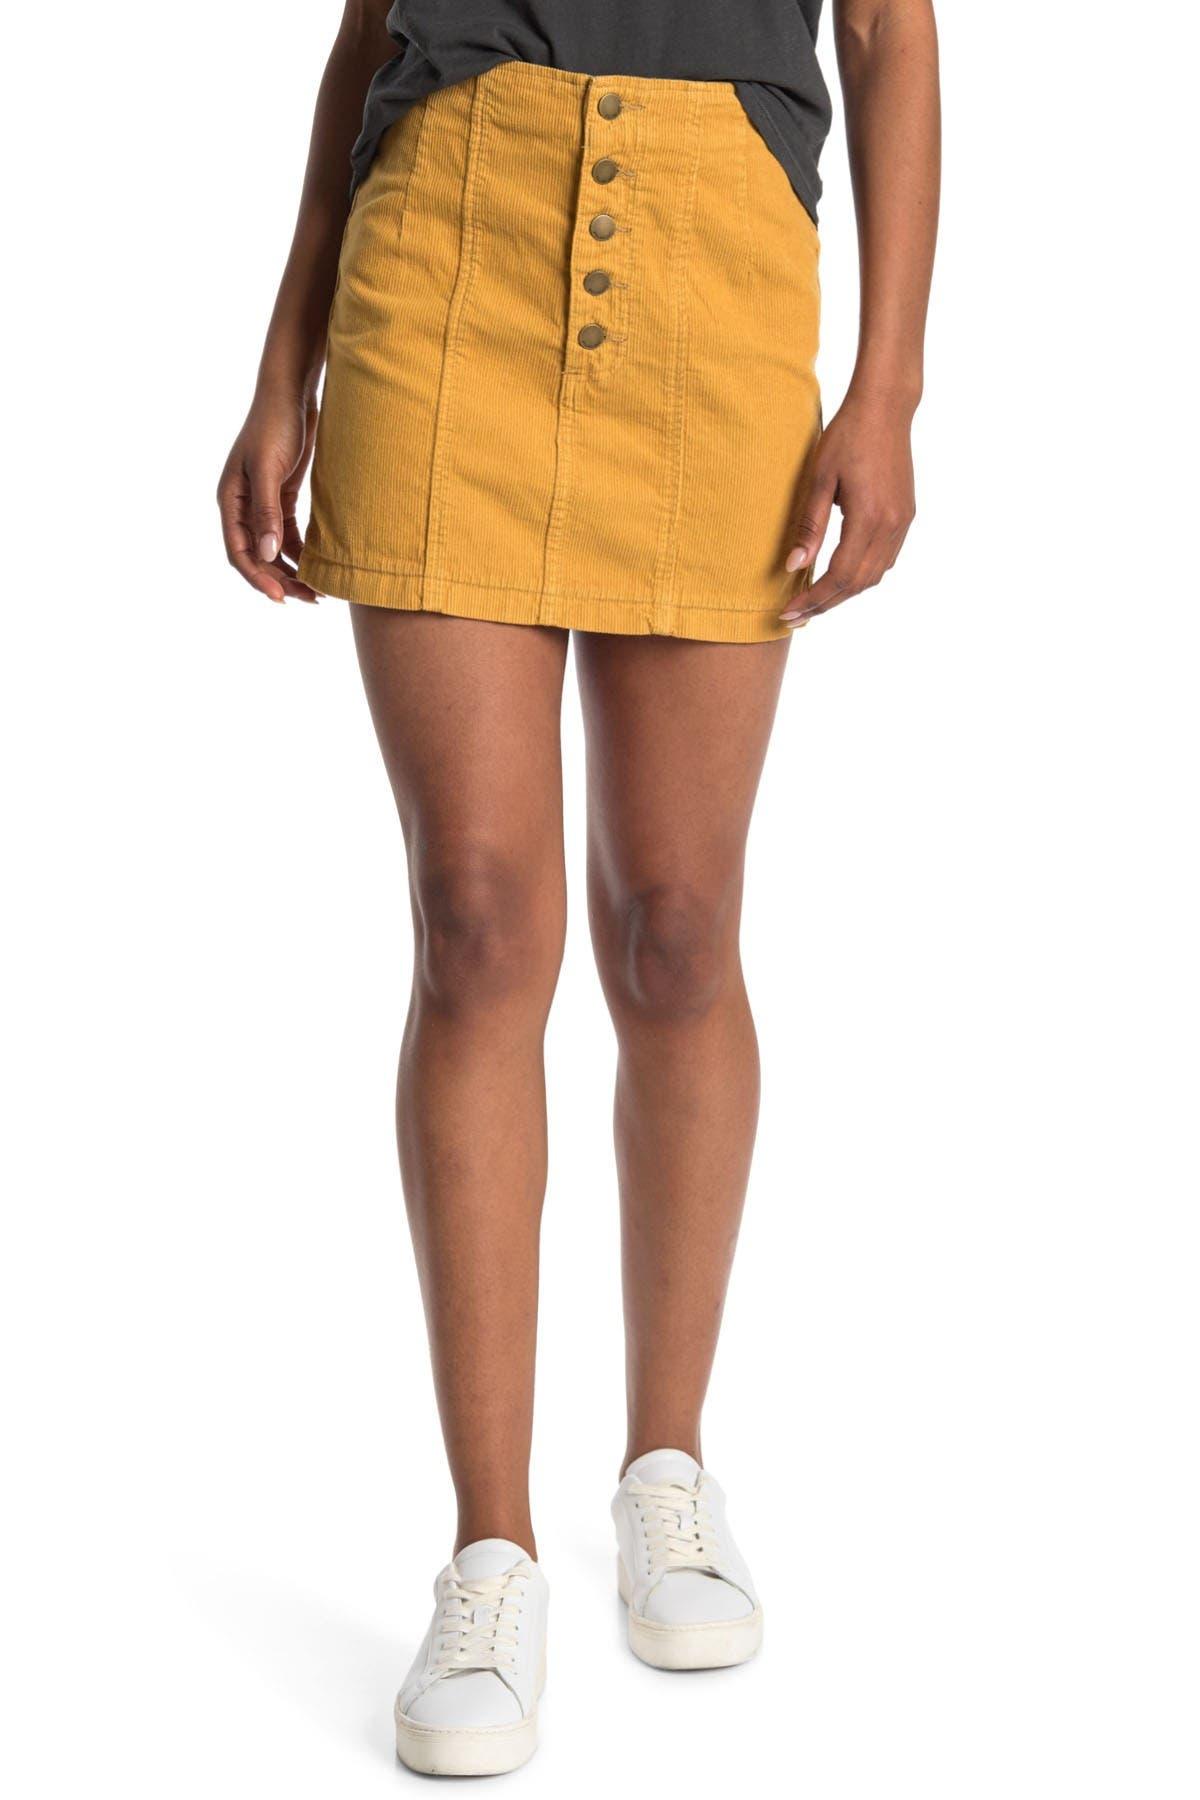 Image of Billabong Seams Like Corduroy Mini Skirt